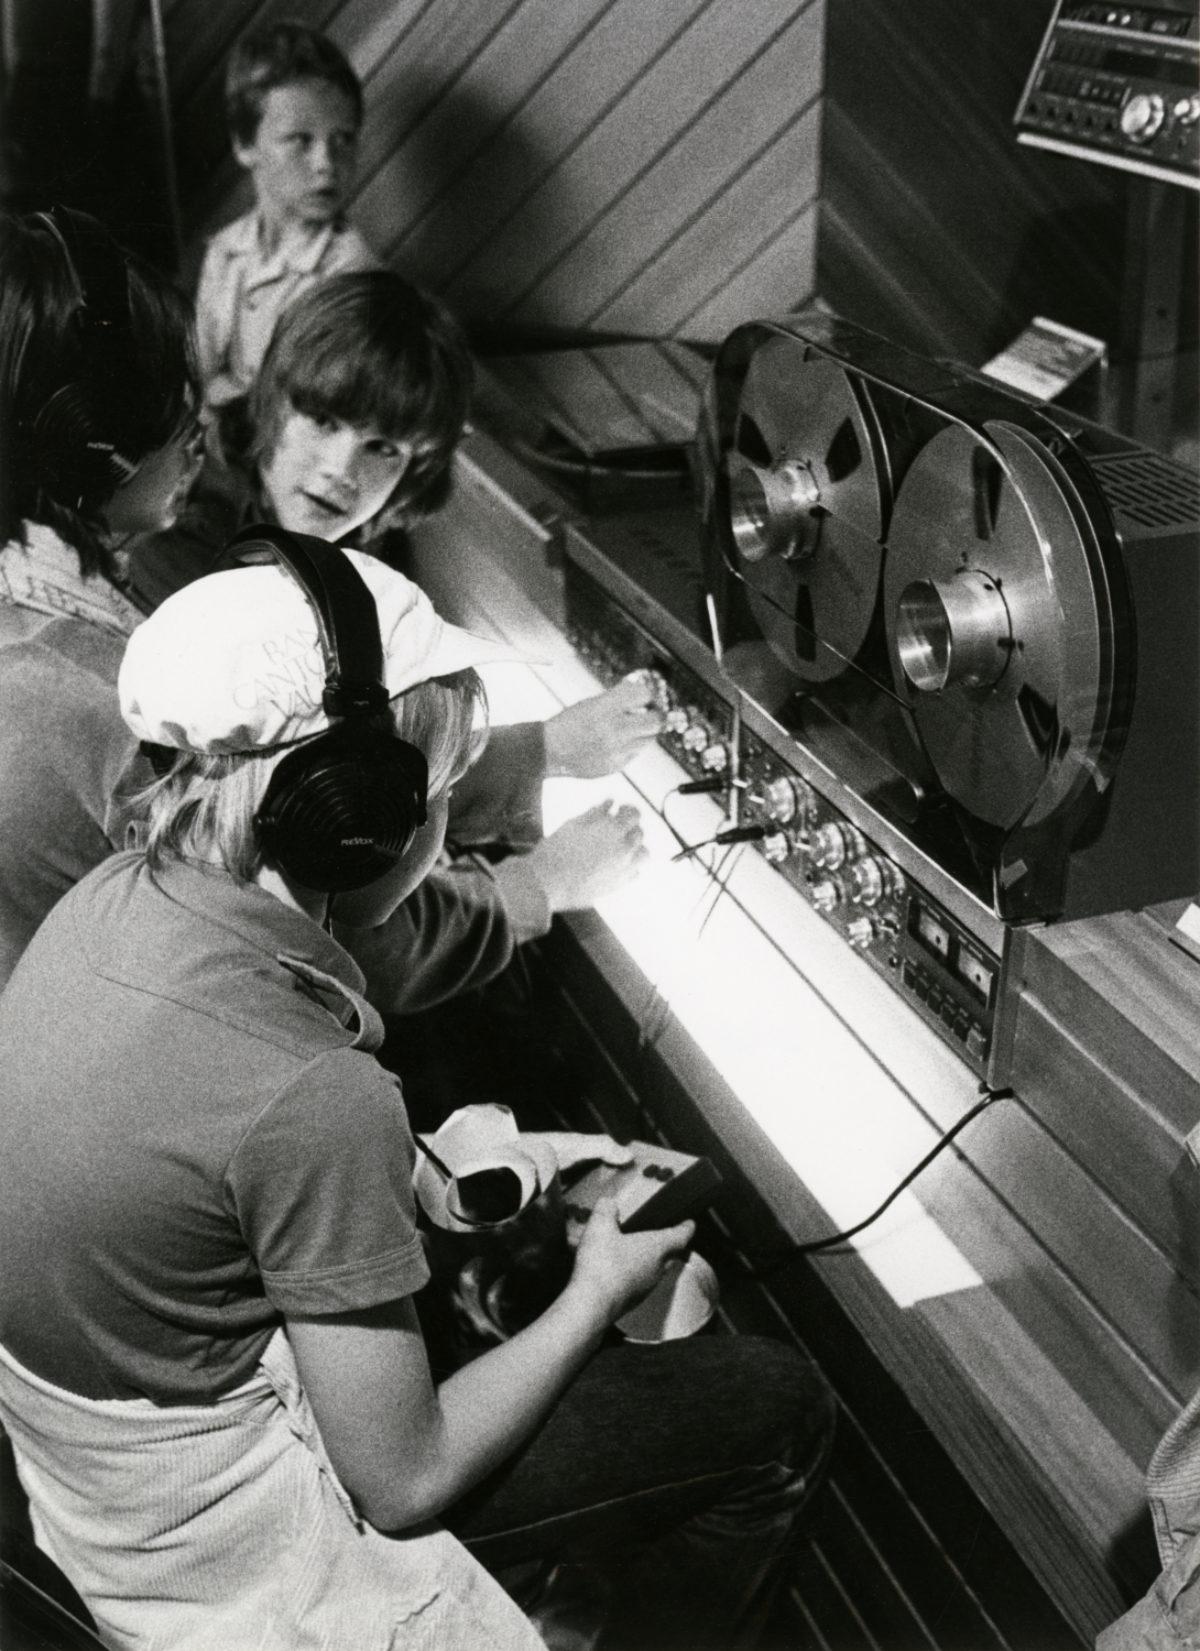 SVVB_ACV_NUM2_PP_966_301-11_1980_enregistreur